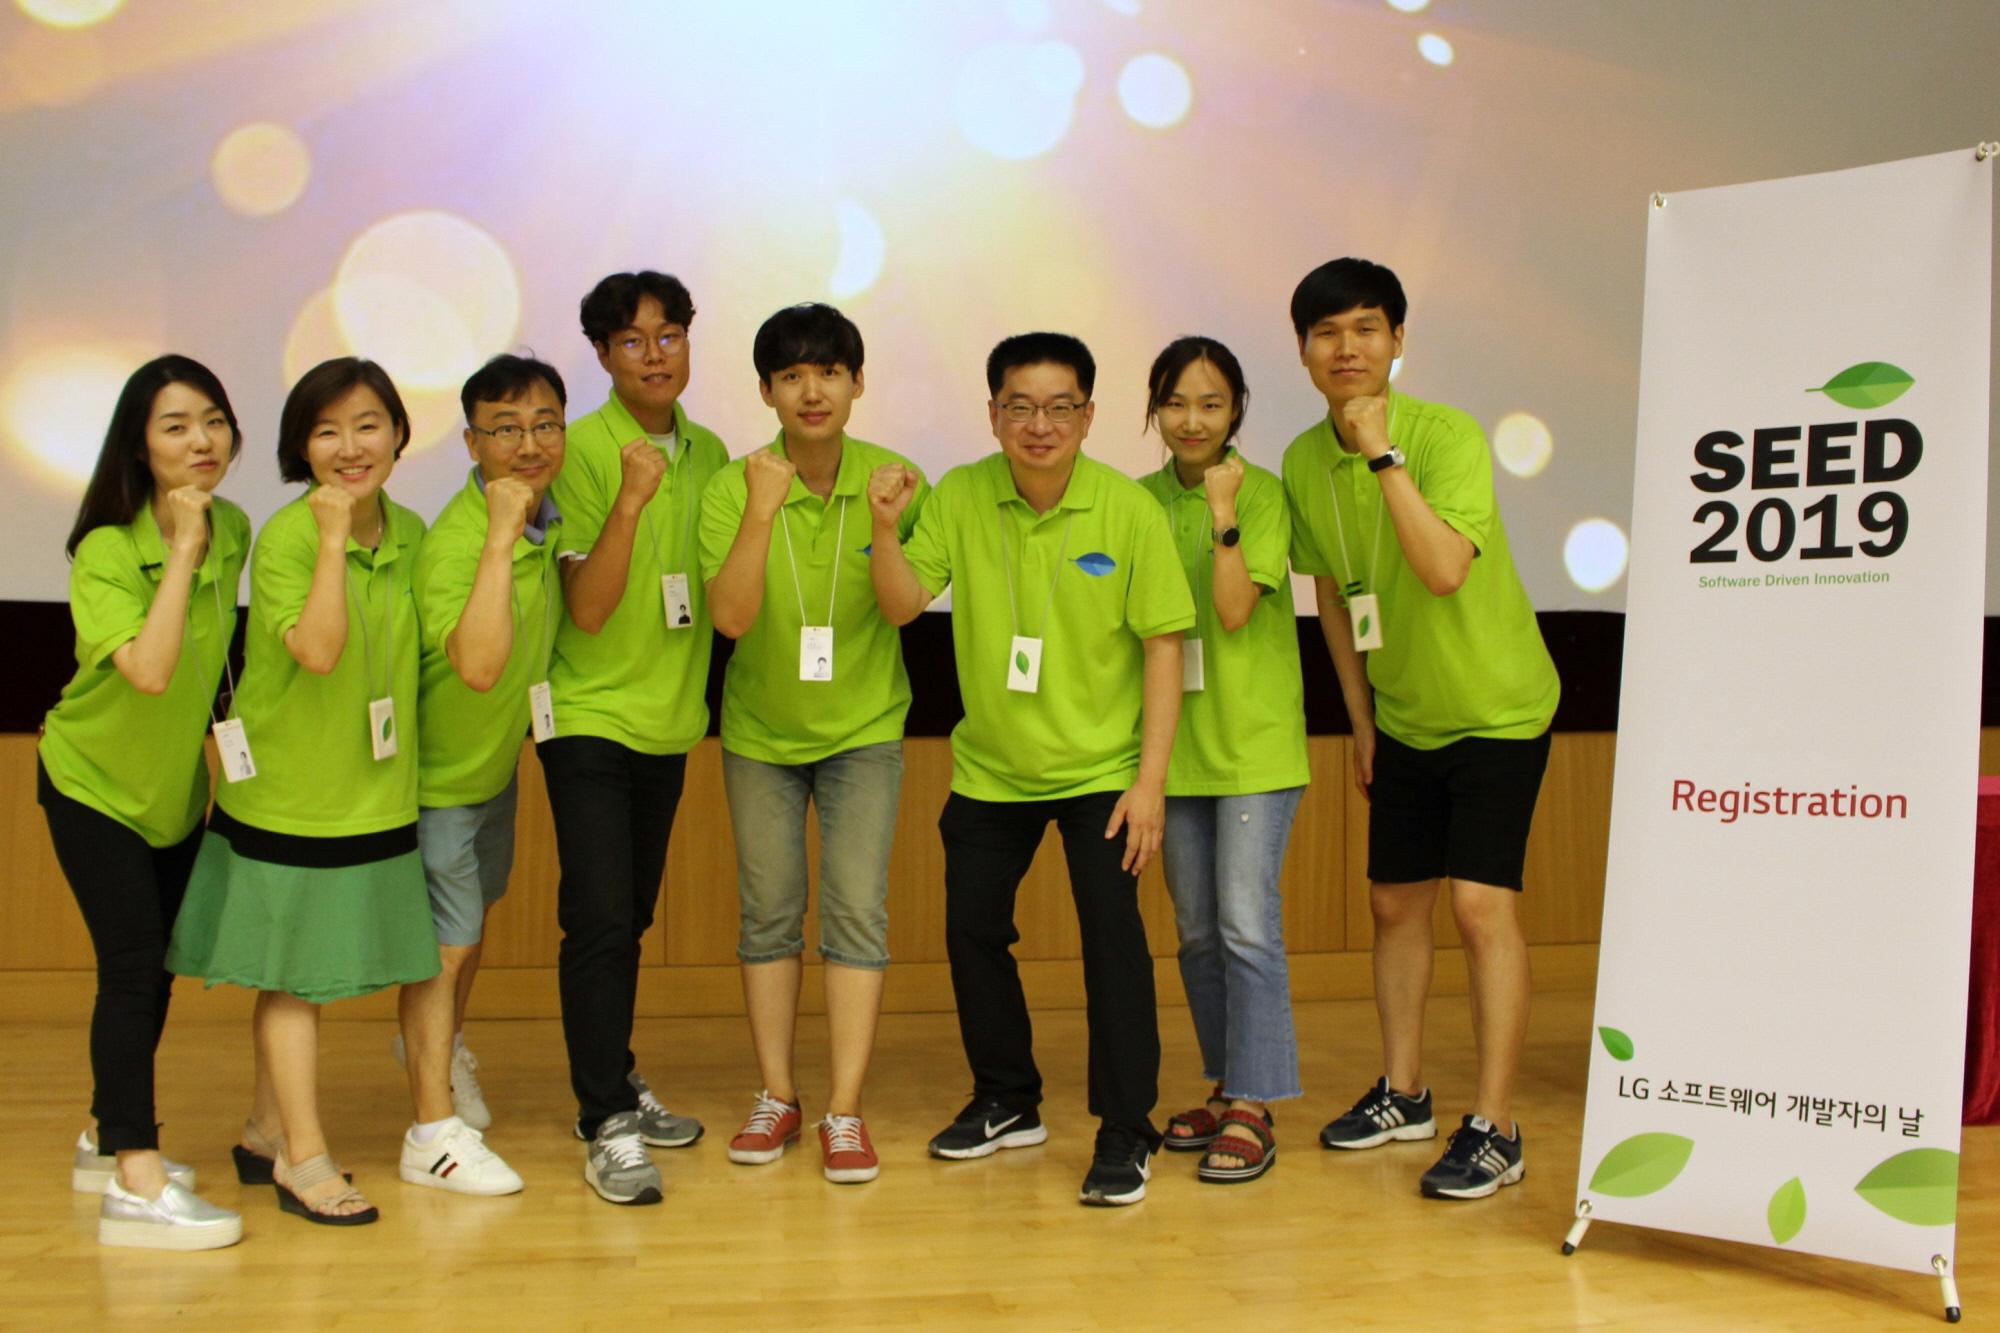 LG전자가 25일 서울 서초구 양재동에 위치한 서초R&D캠퍼스에서 '소프트웨어 개발자의 날 2019'를 개최했다. 엄위상 소프트웨어공학연구소장(상무, 오른쪽에서 세 번째)이 직원들과 함께 기념촬영을 하고 있다.